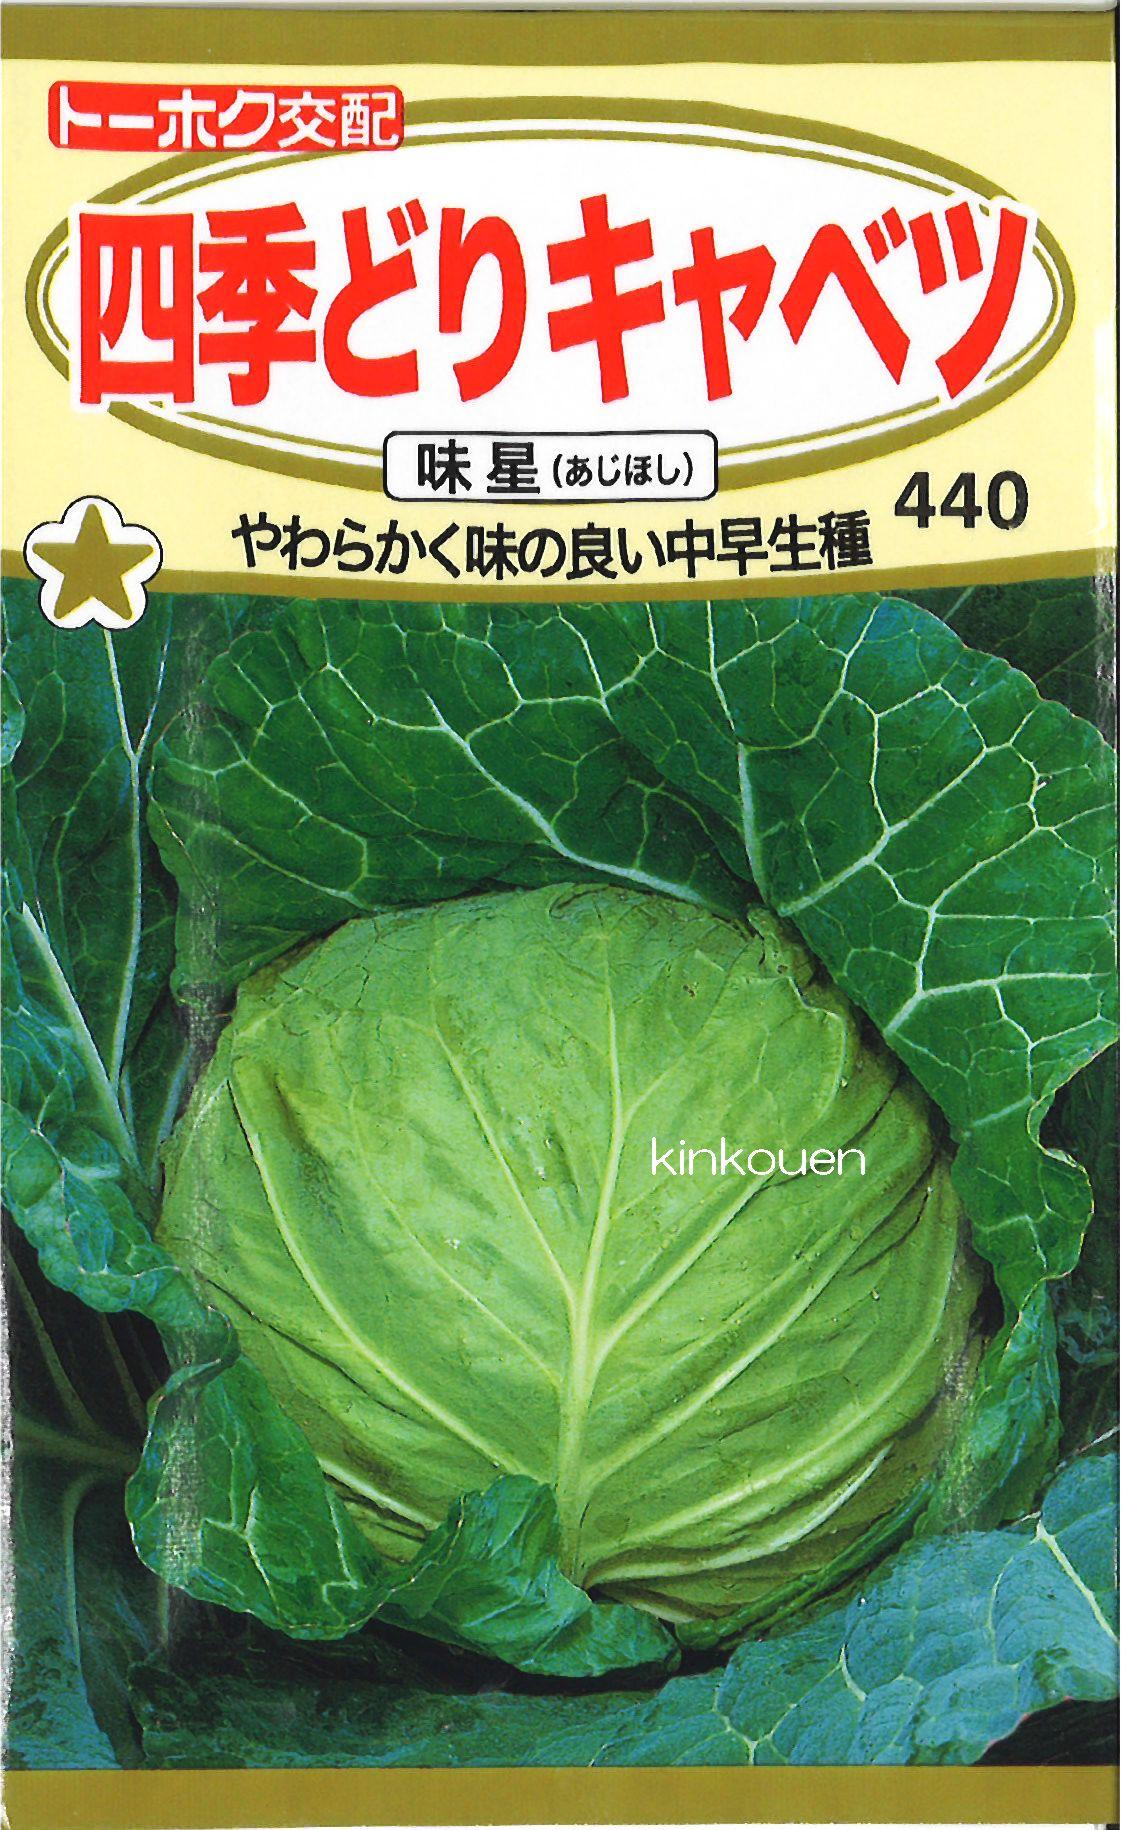 《代引不可》《5袋まで送料80円》 □四季どりキャベツ味星